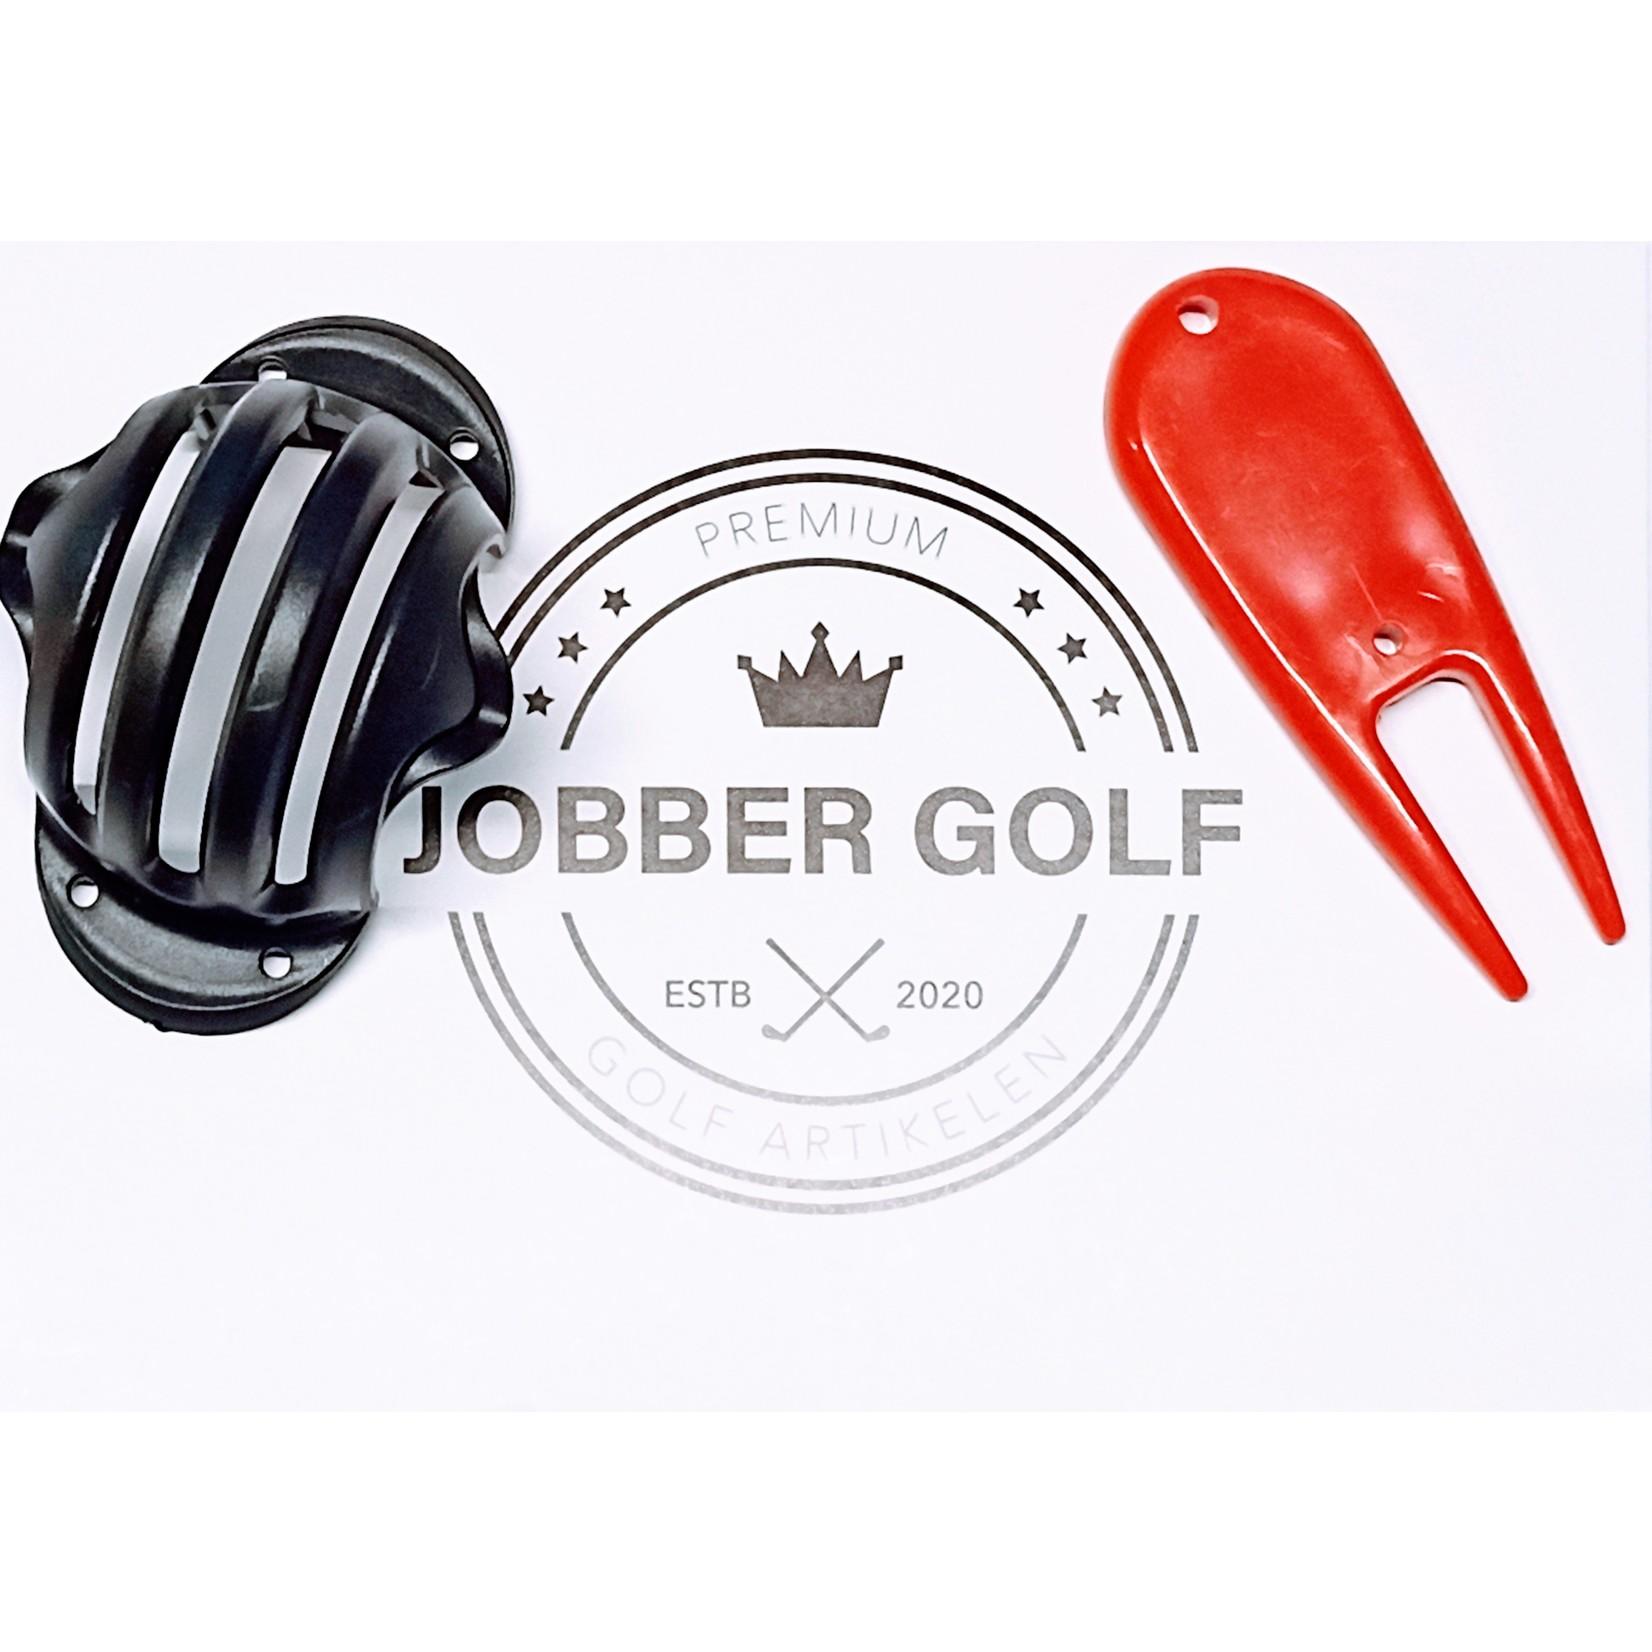 Jobber Golf Jobber Golf – Golfbal marker + pitchfork